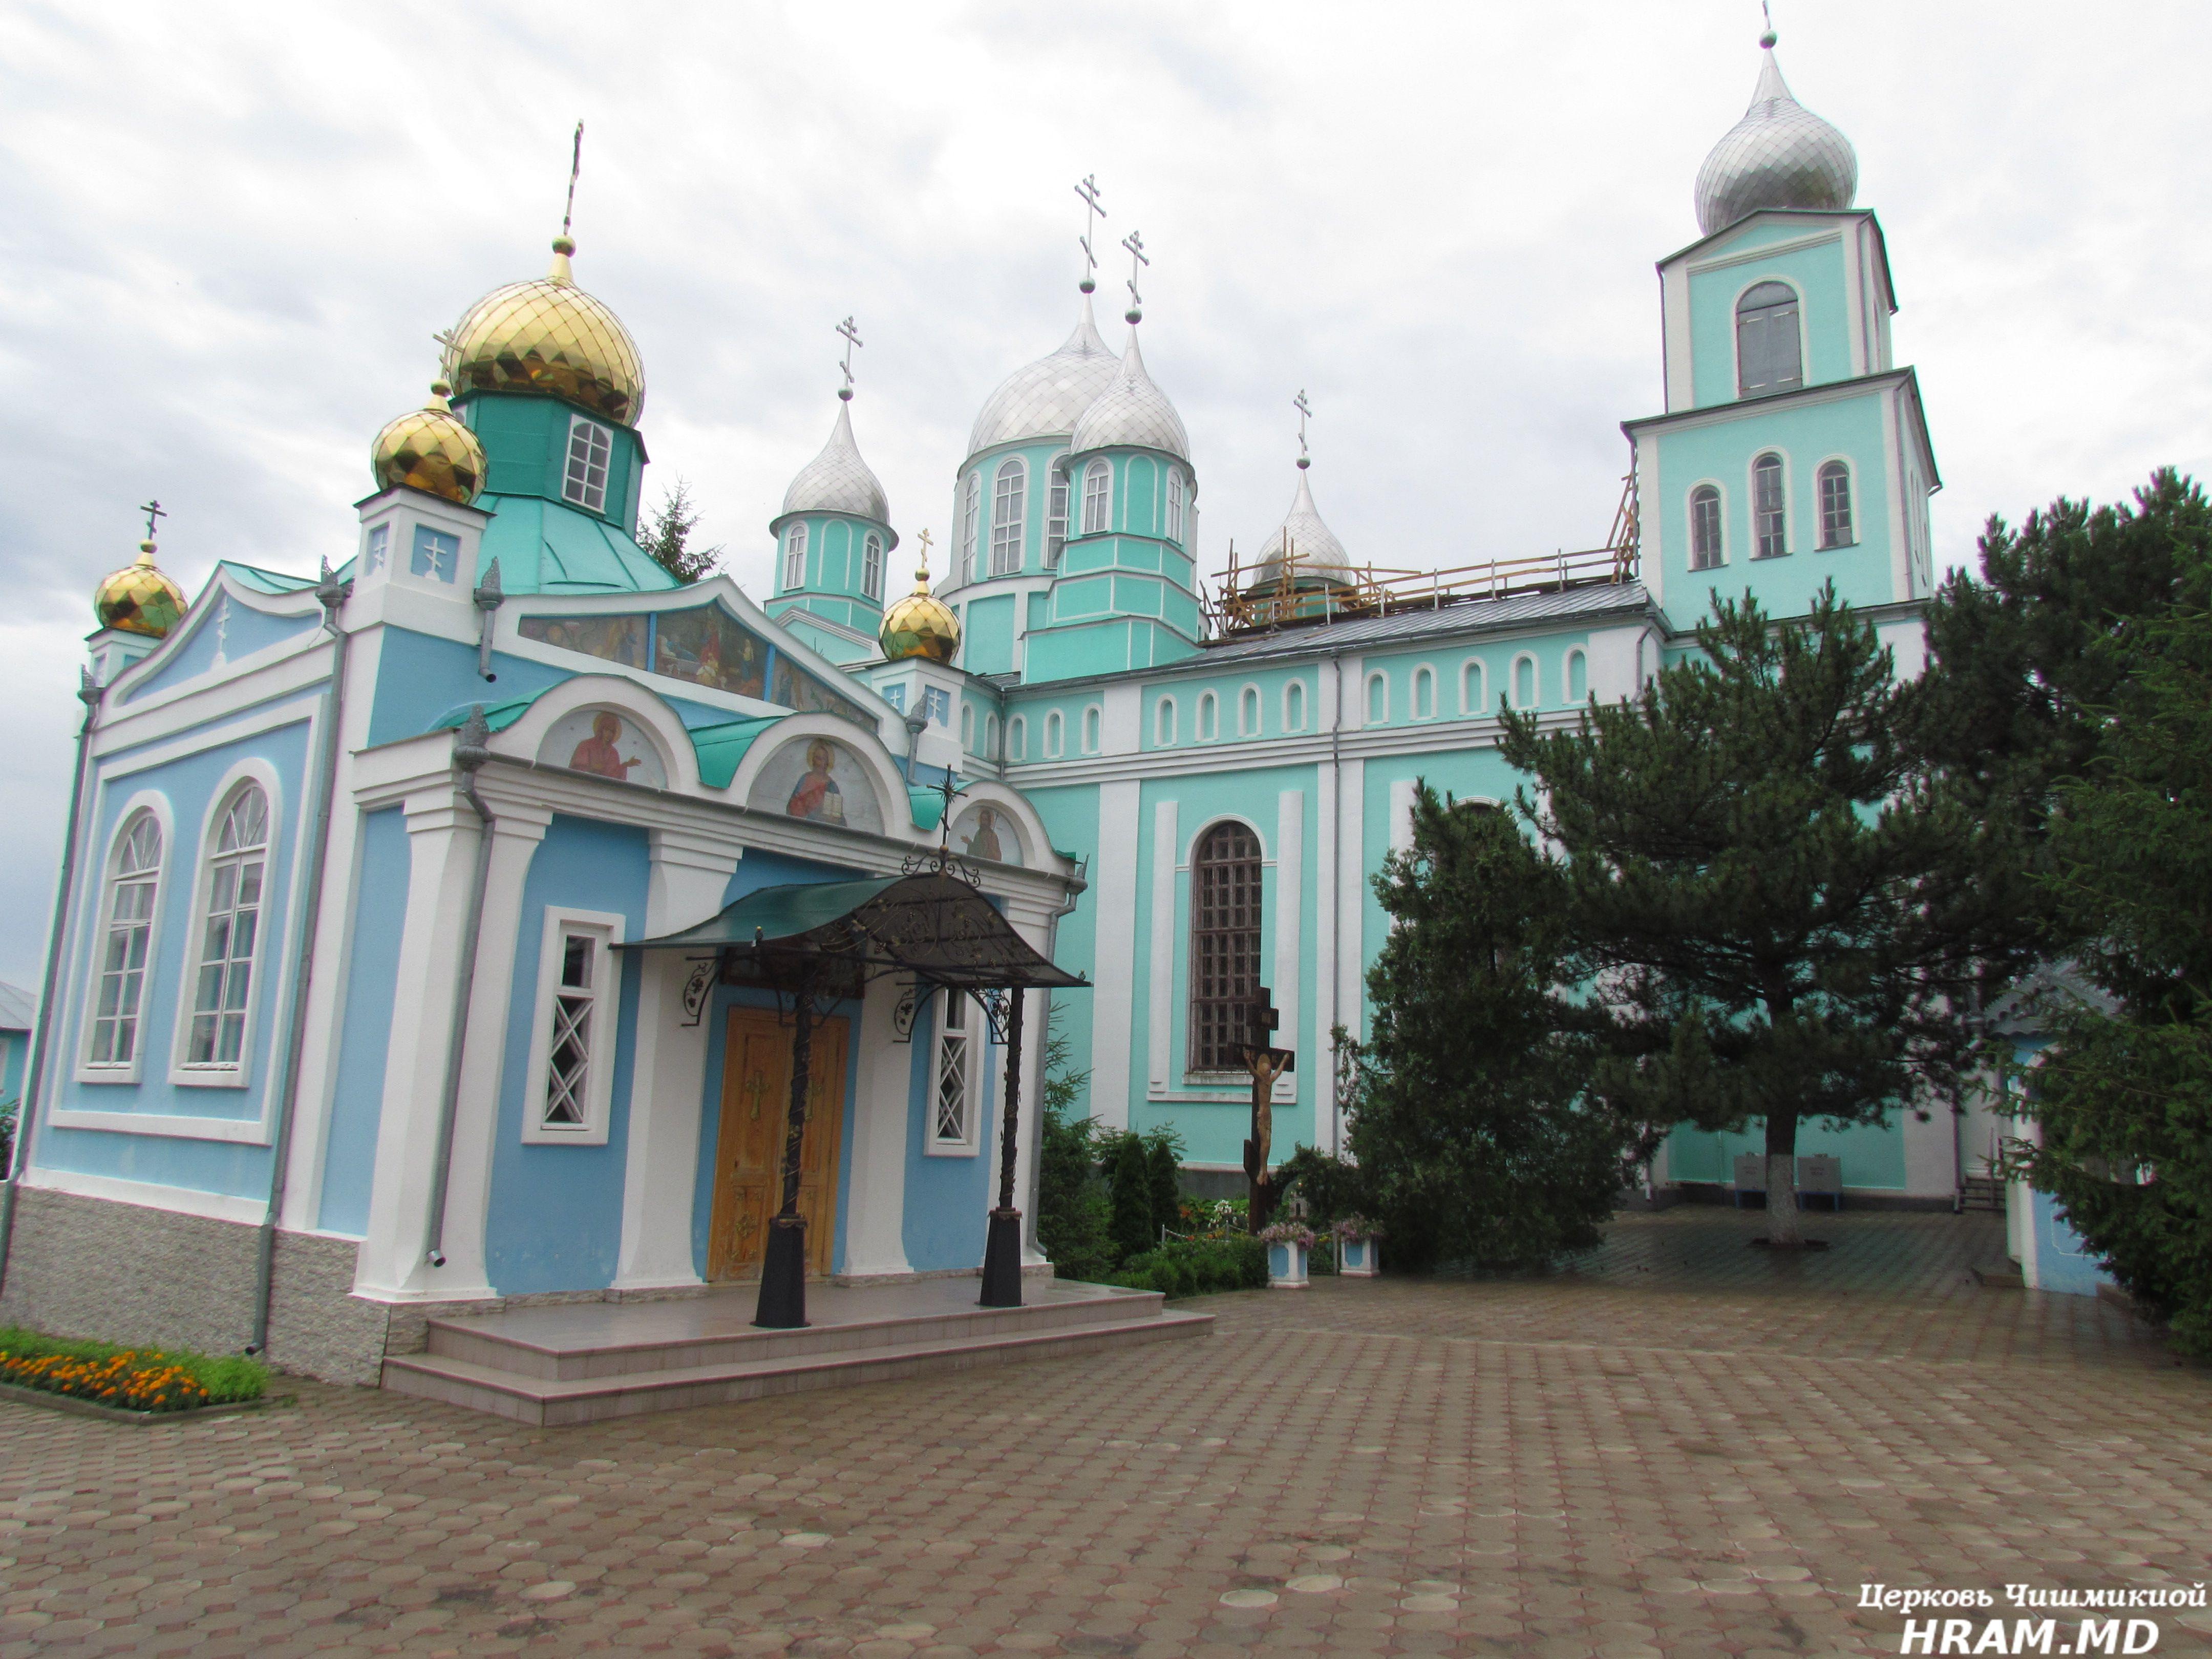 Прихожанами храма села Чишмикиой было совершено паломничество в Рождество-Богородичный монастырь